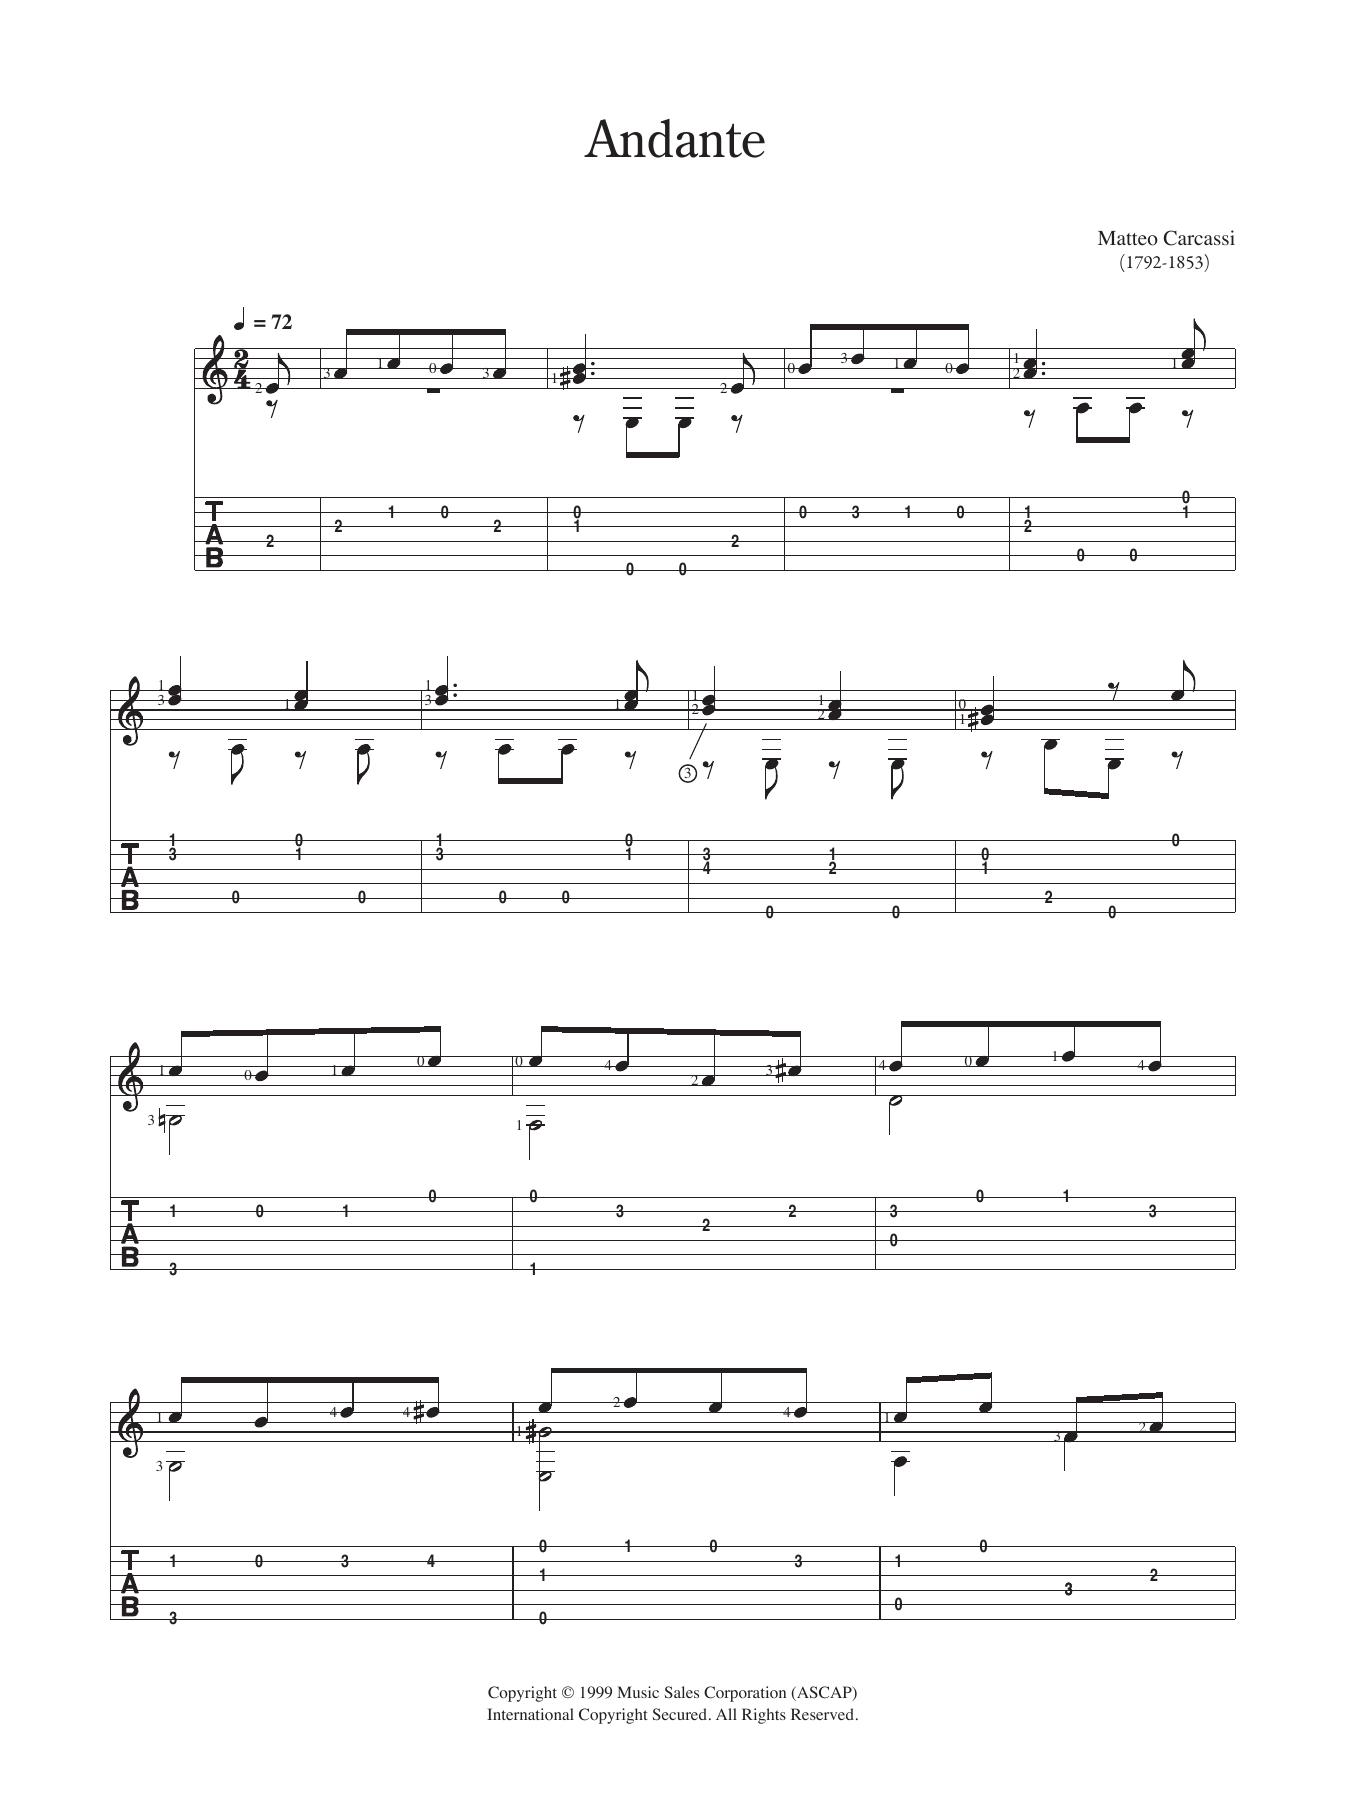 Sheet music | MuseScore